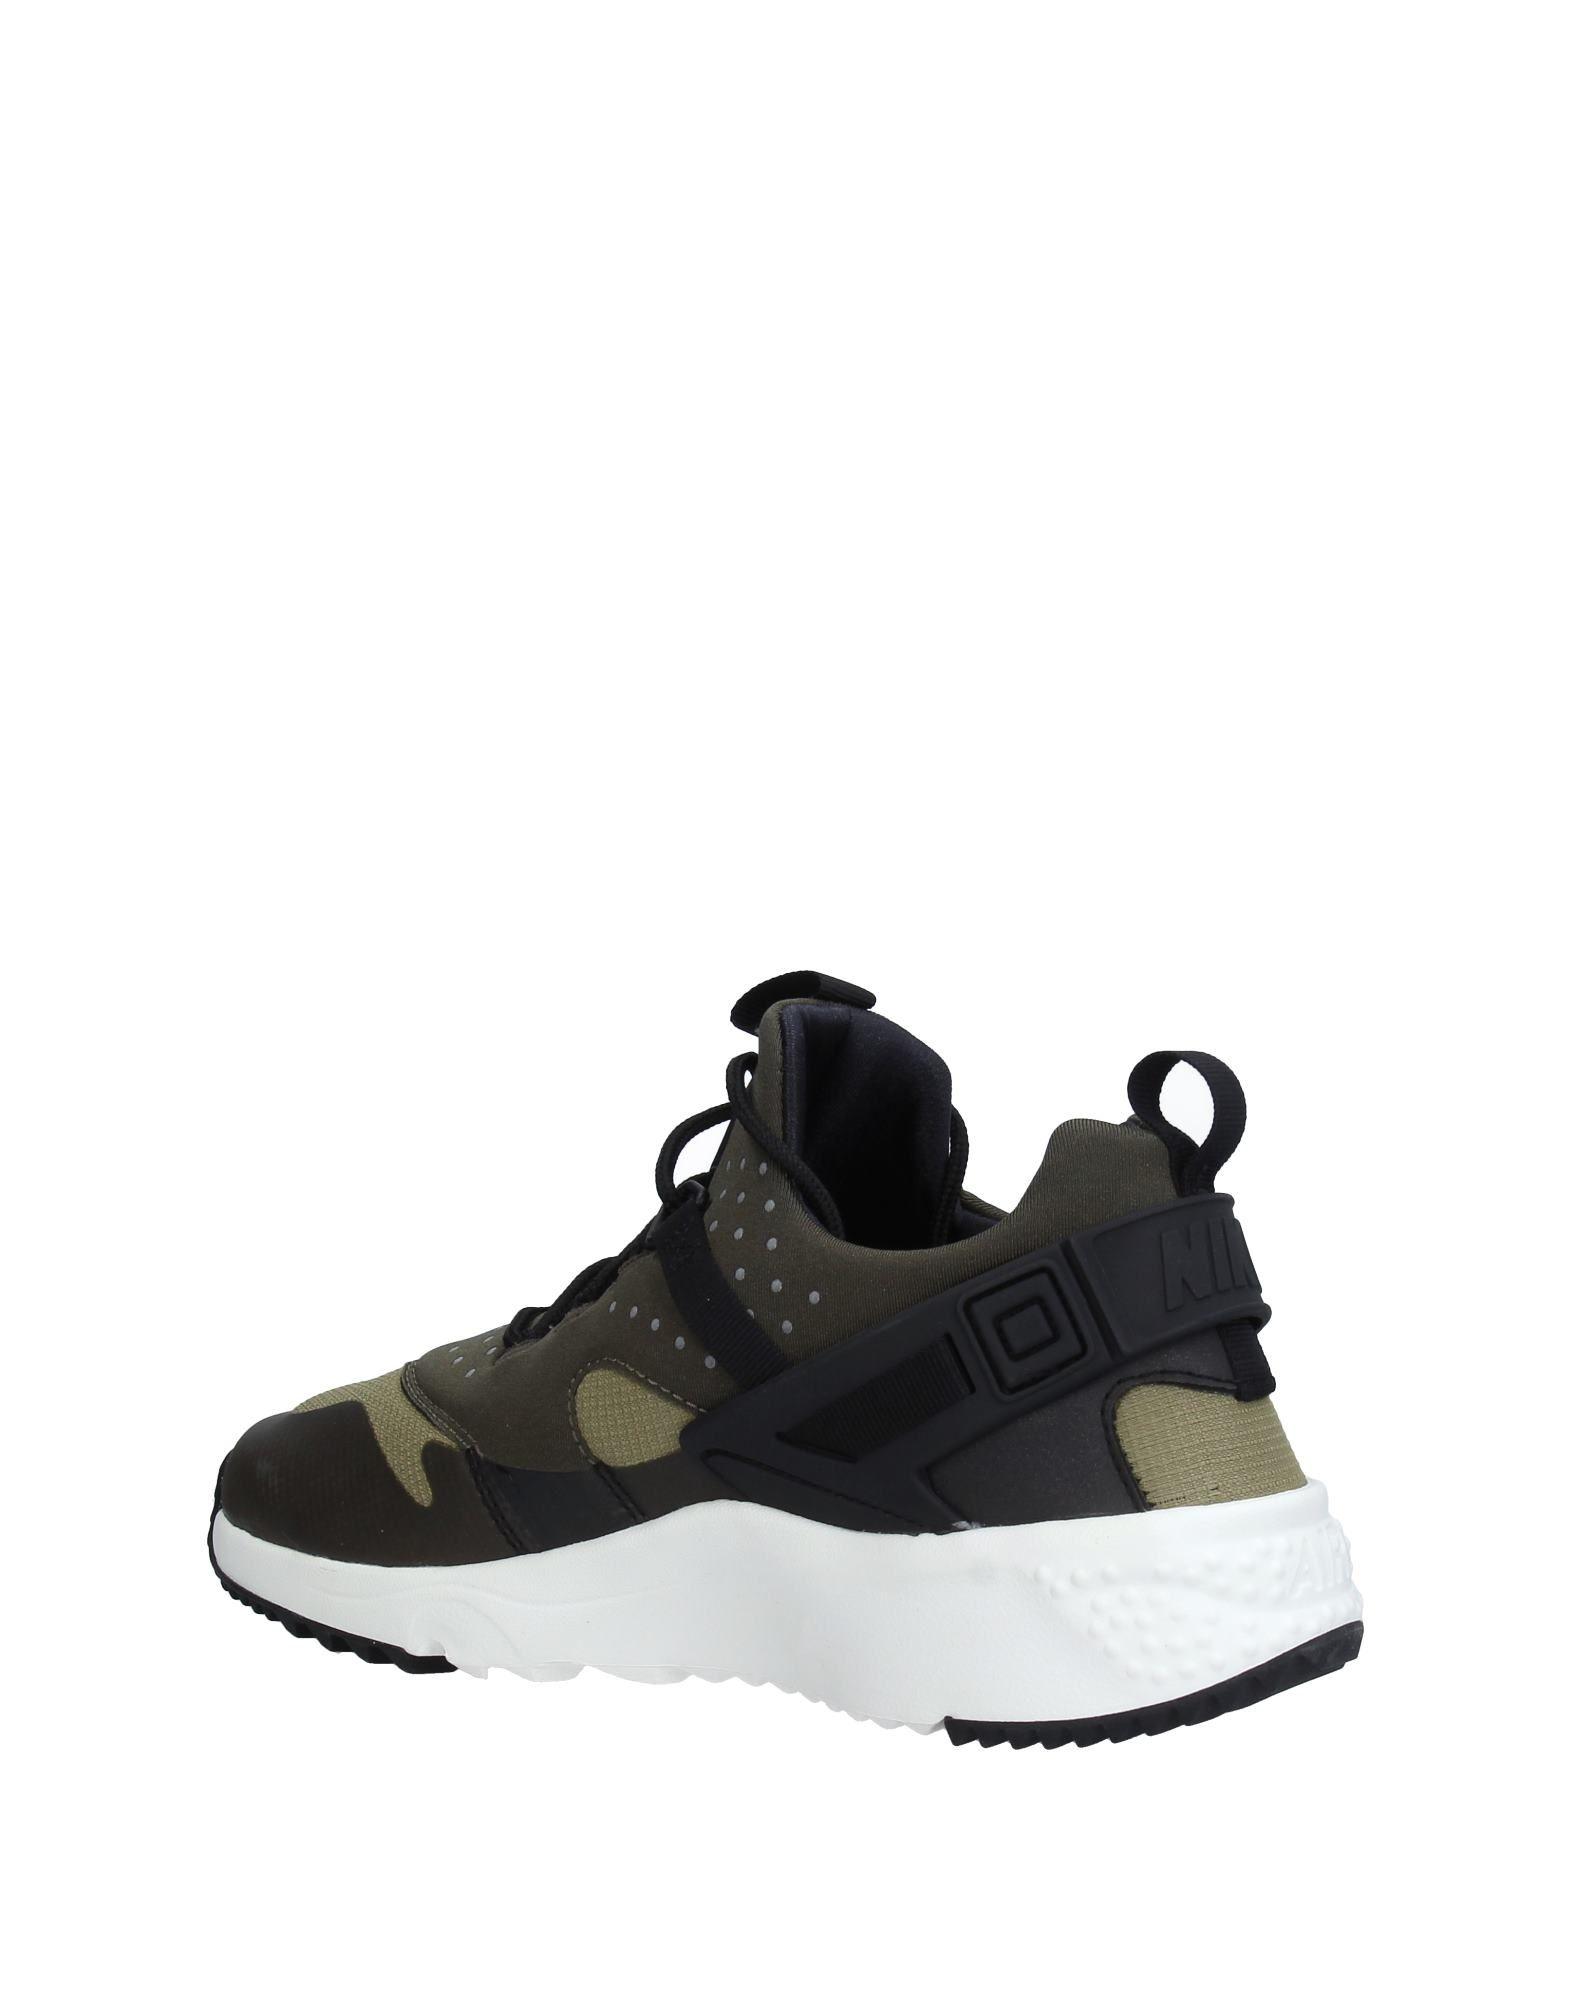 Rabatt Herren echte Schuhe Nike Sneakers Herren Rabatt  11234957QA 932d90